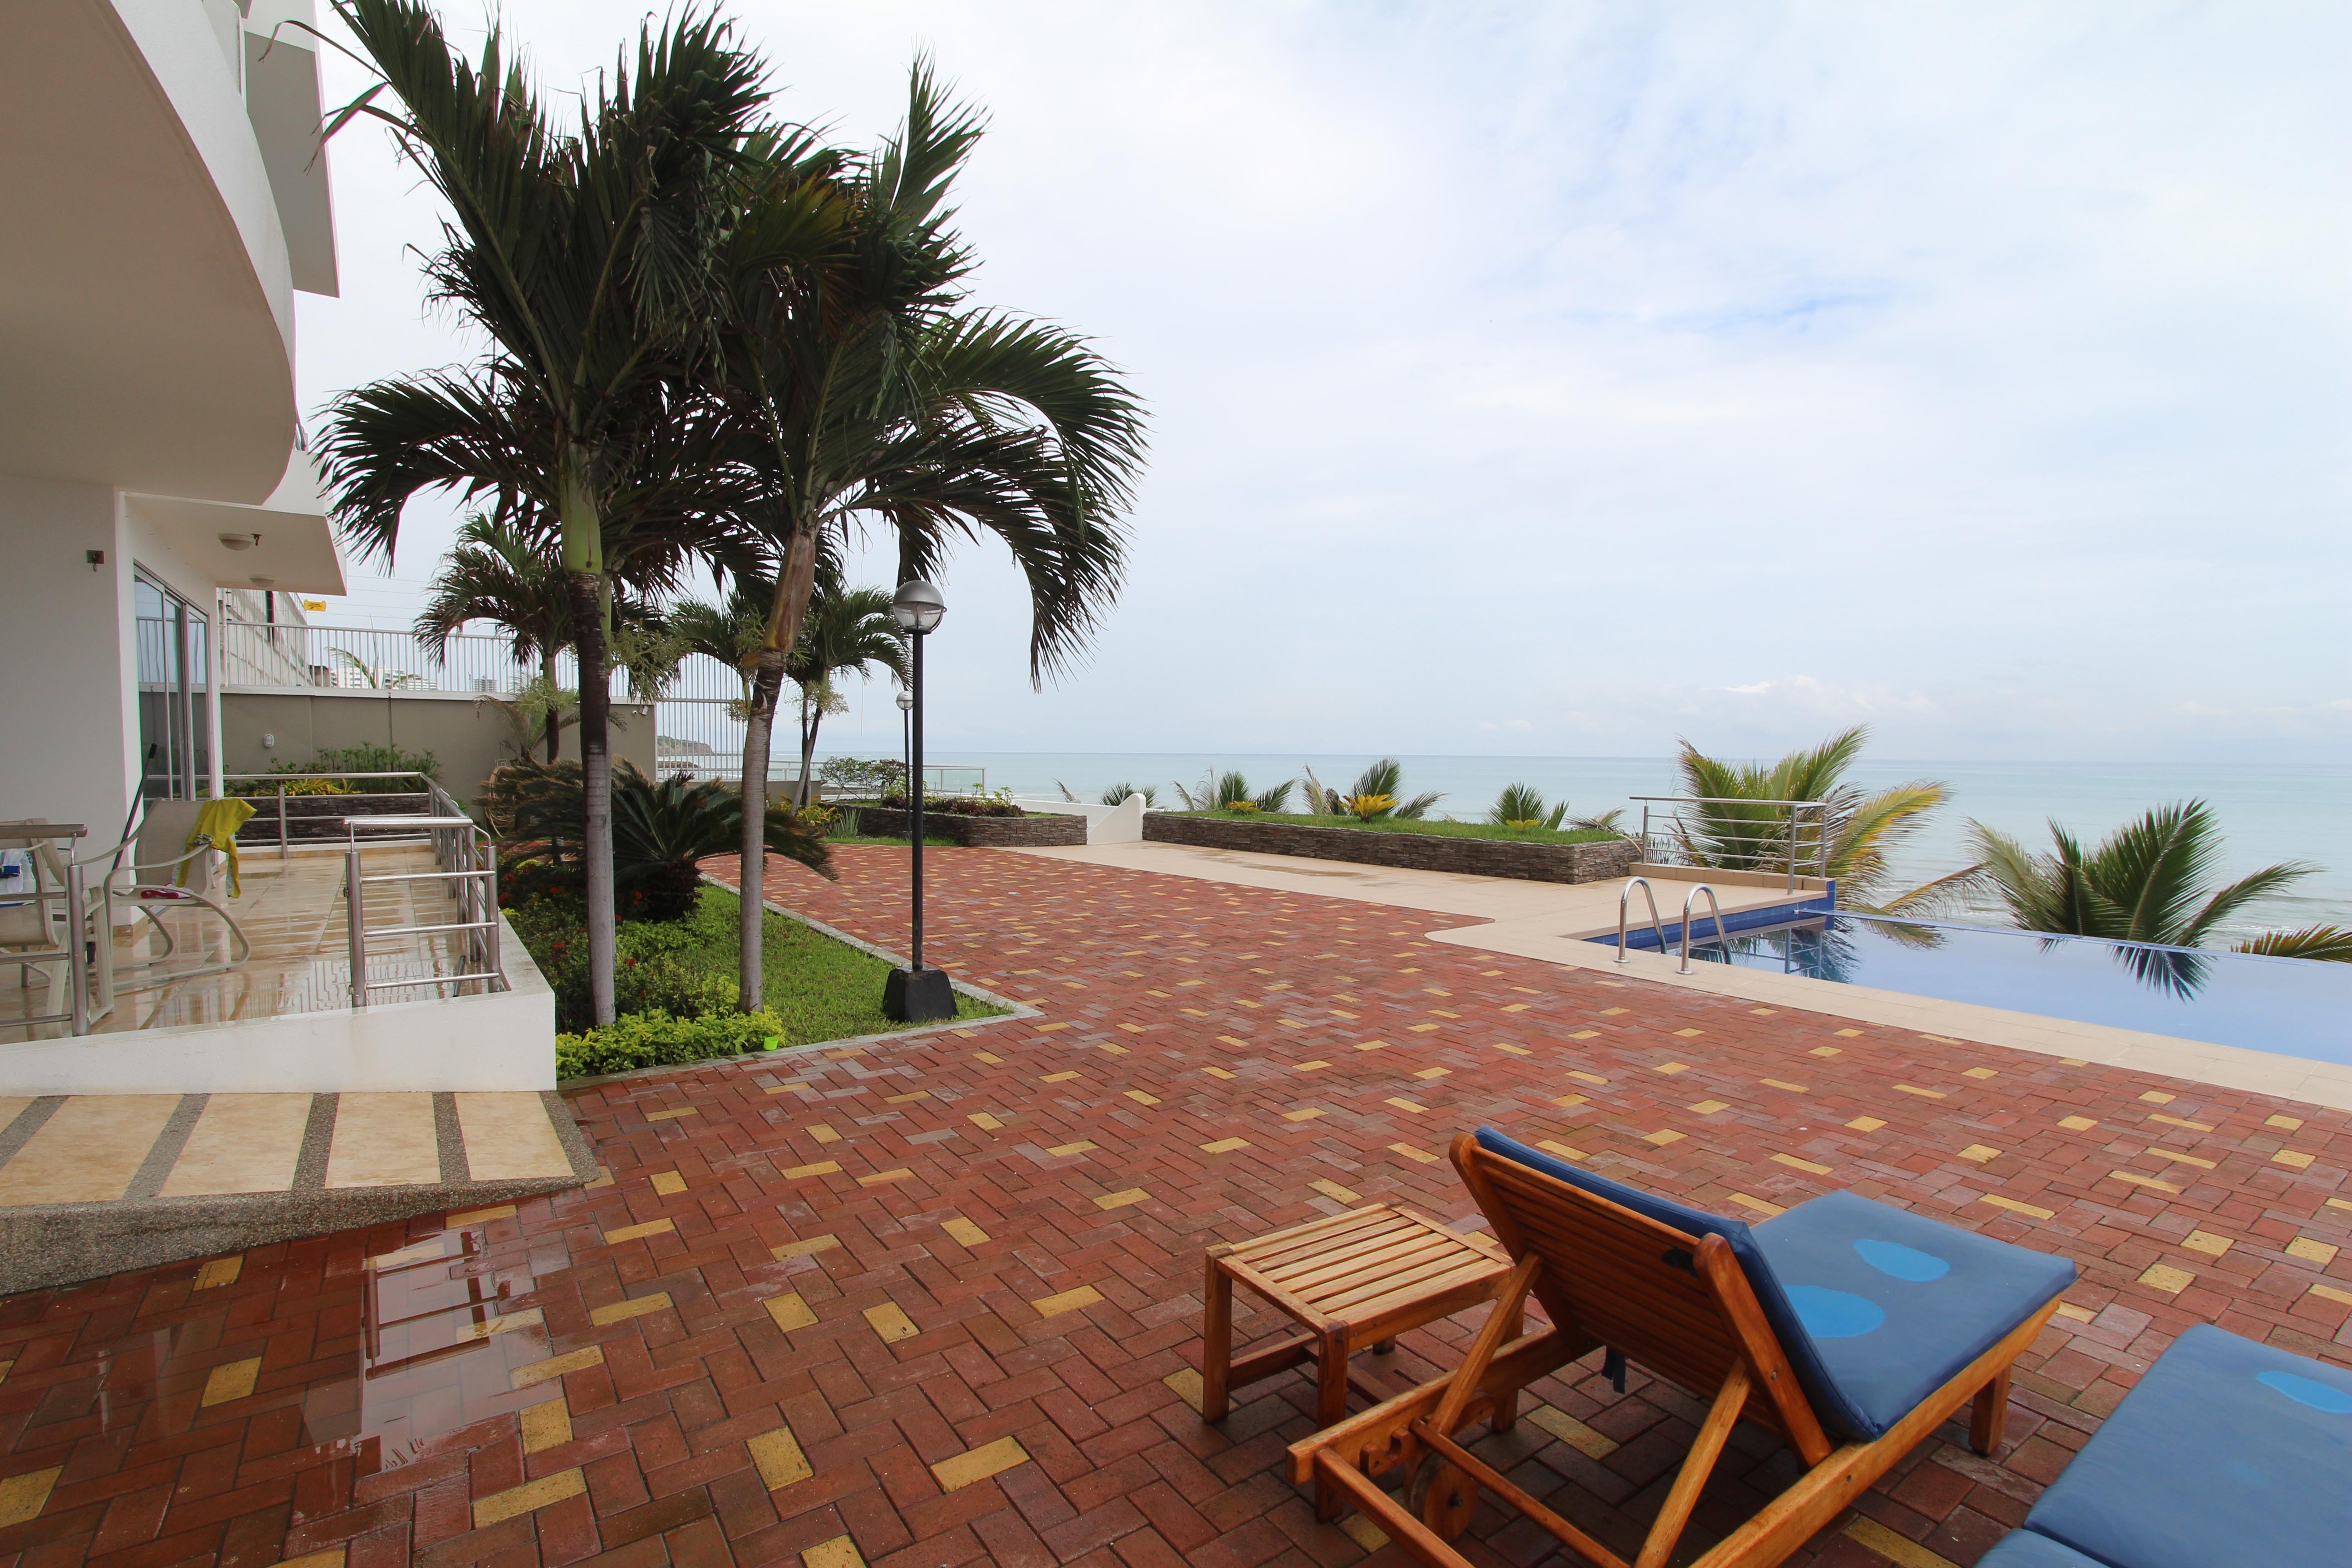 Nice 1 Bedroom Beachfront With Excellent View In Manta Ecuador  # Muebles Cumbaya Ecuador